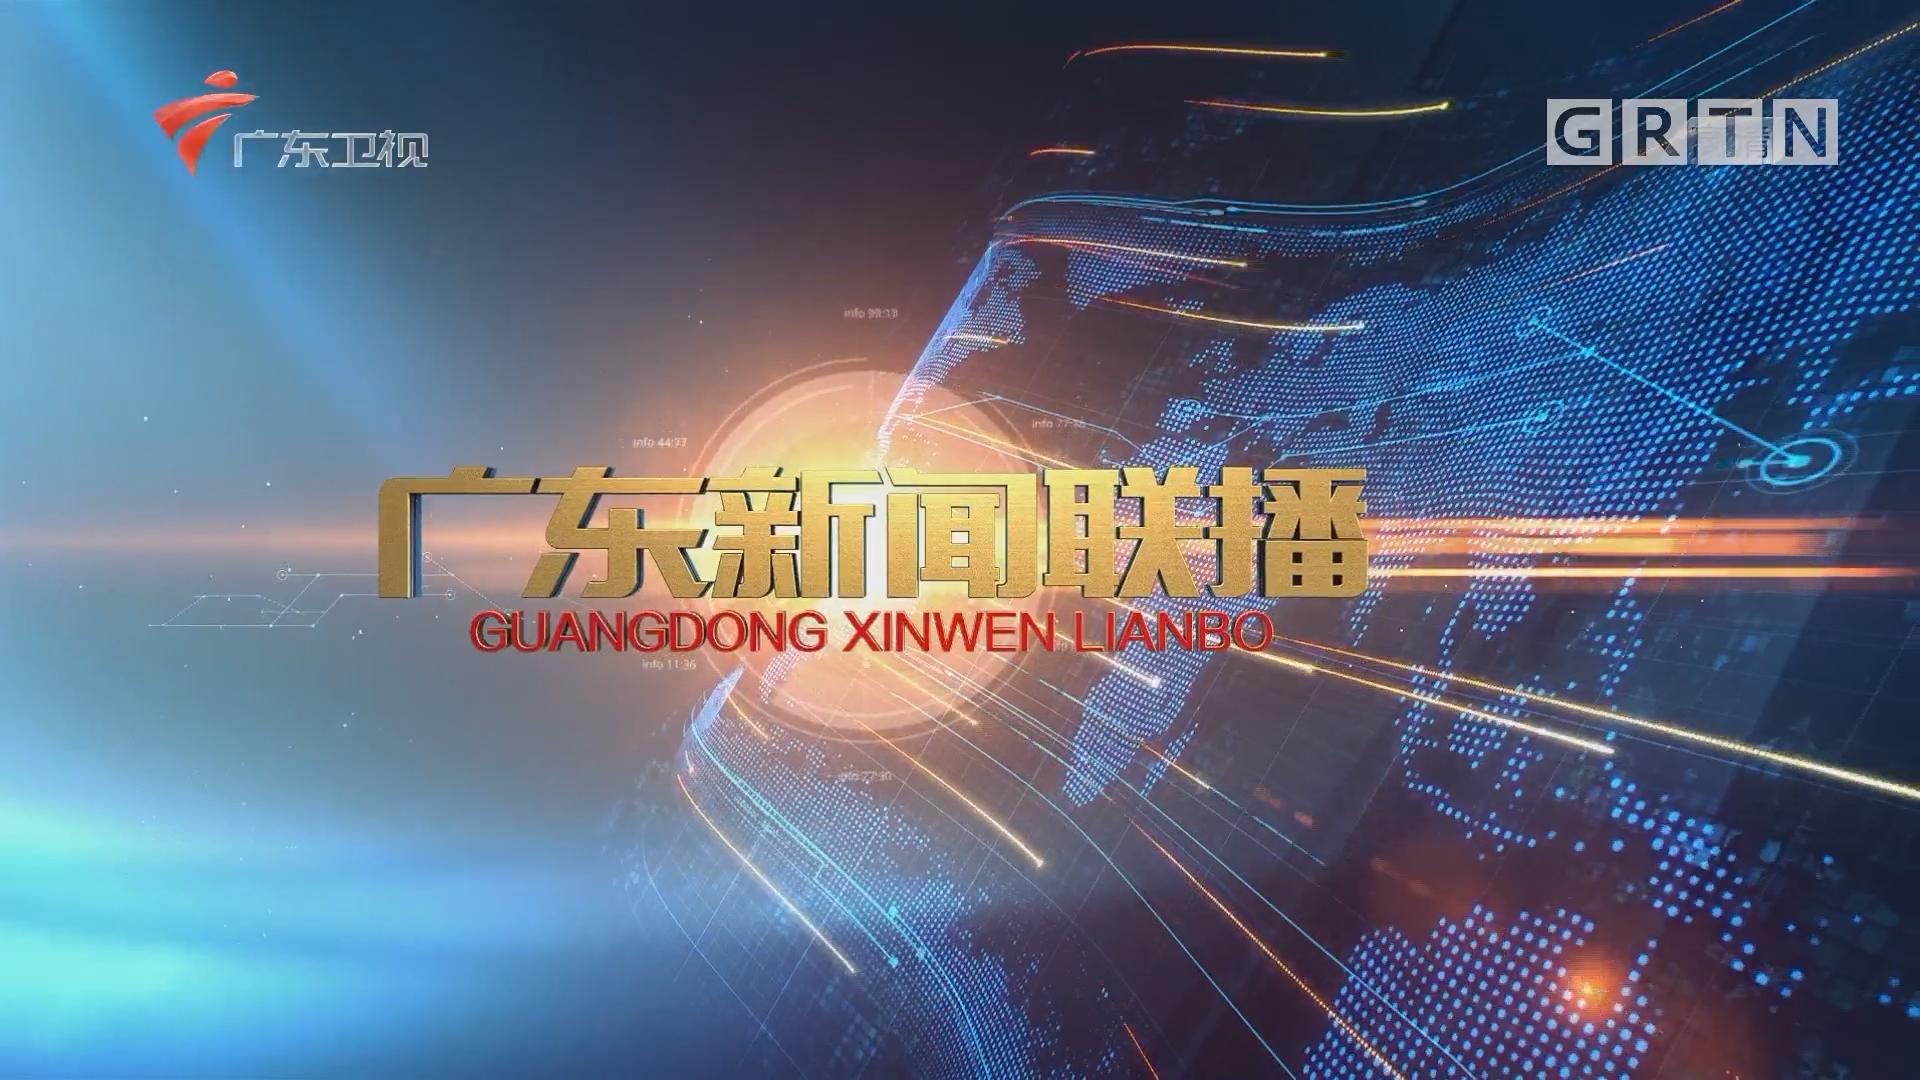 [HD][2019-03-07]广东新闻联:李克强参加广东代表团审议